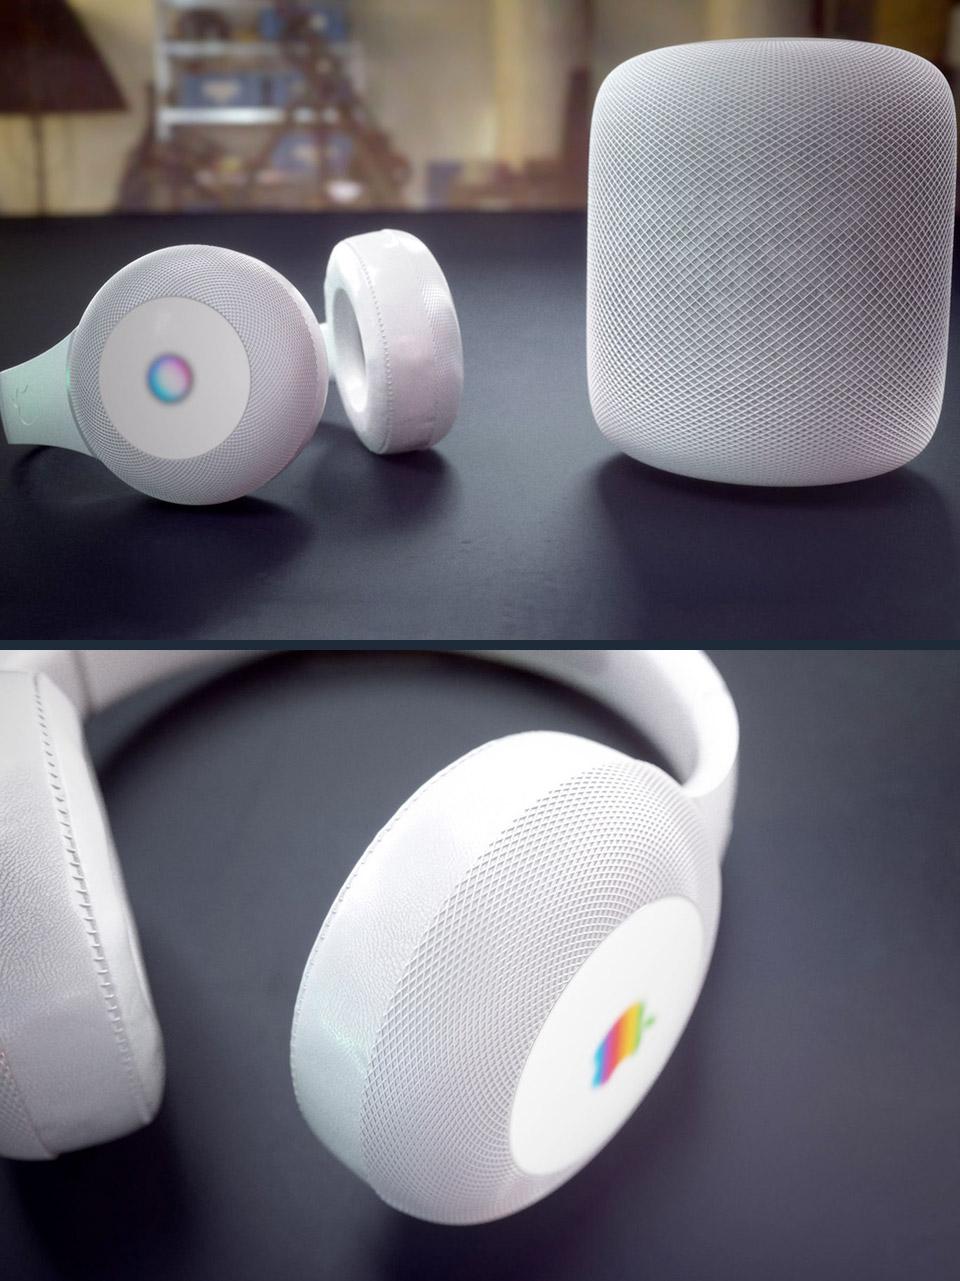 Apple Over-Ear AirPods Studio Headphones